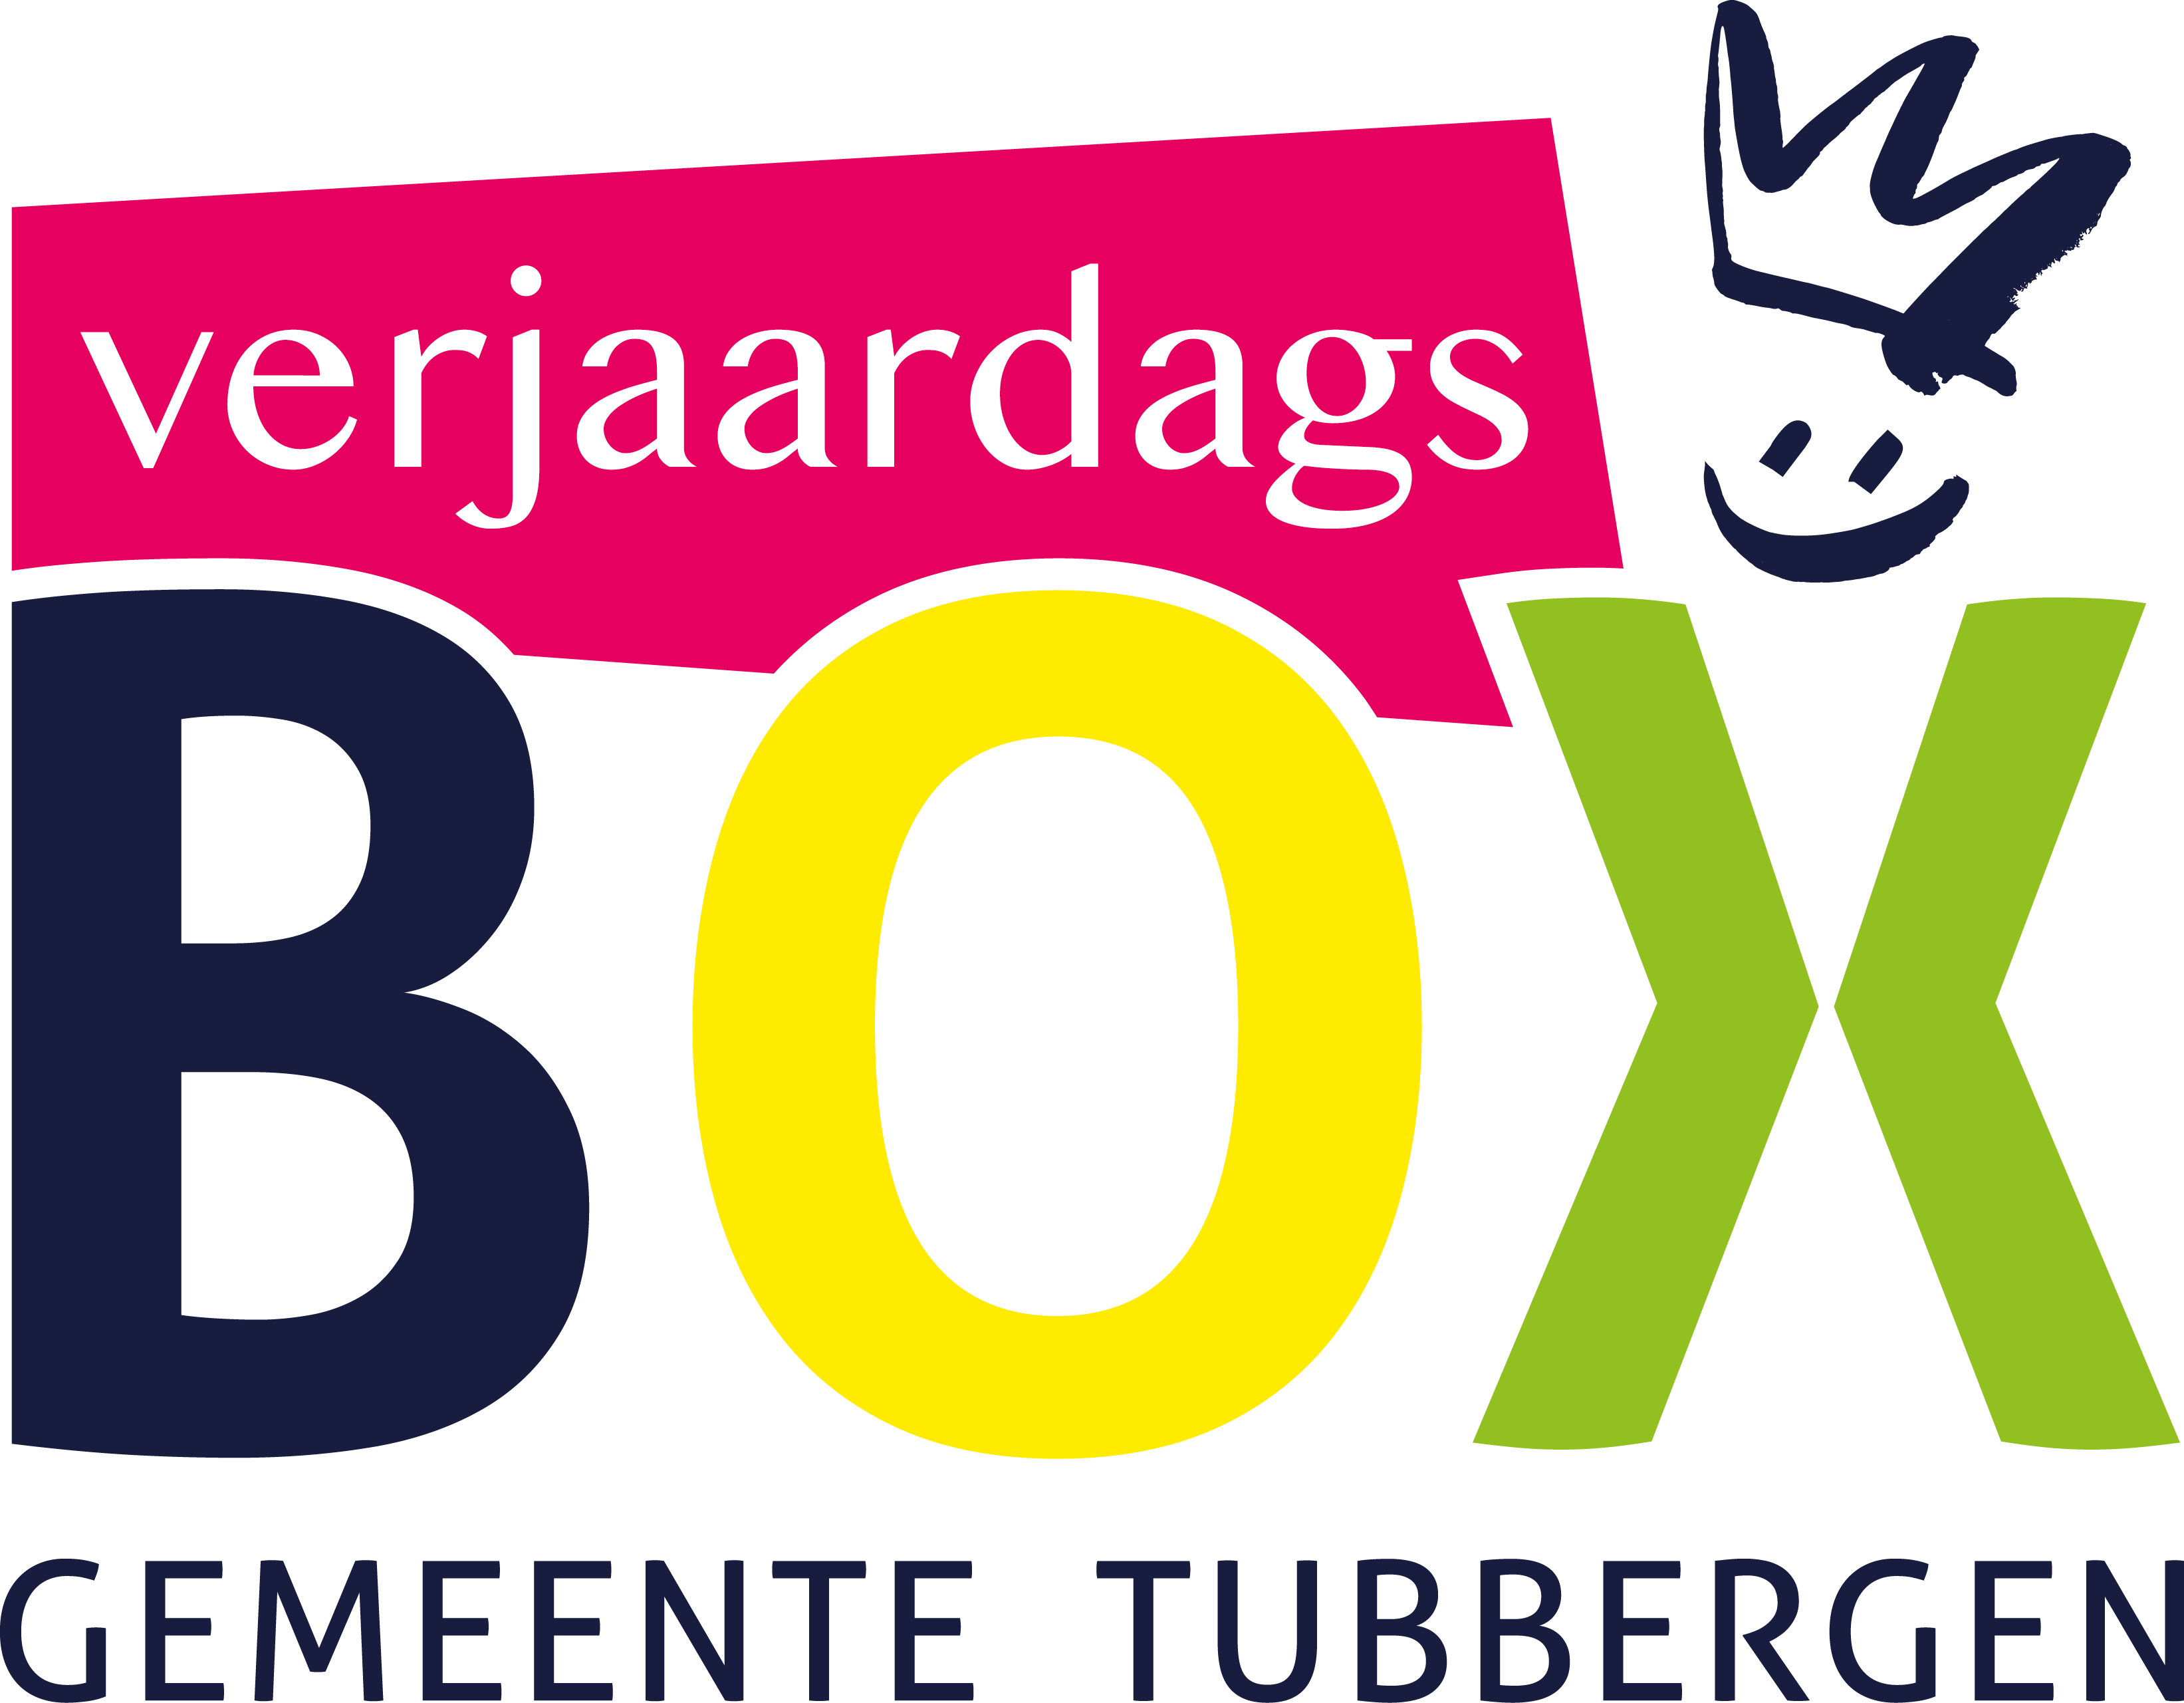 Elk kind verdient een feestelijke verjaardag! - Verjaardagsbox Tubbergen